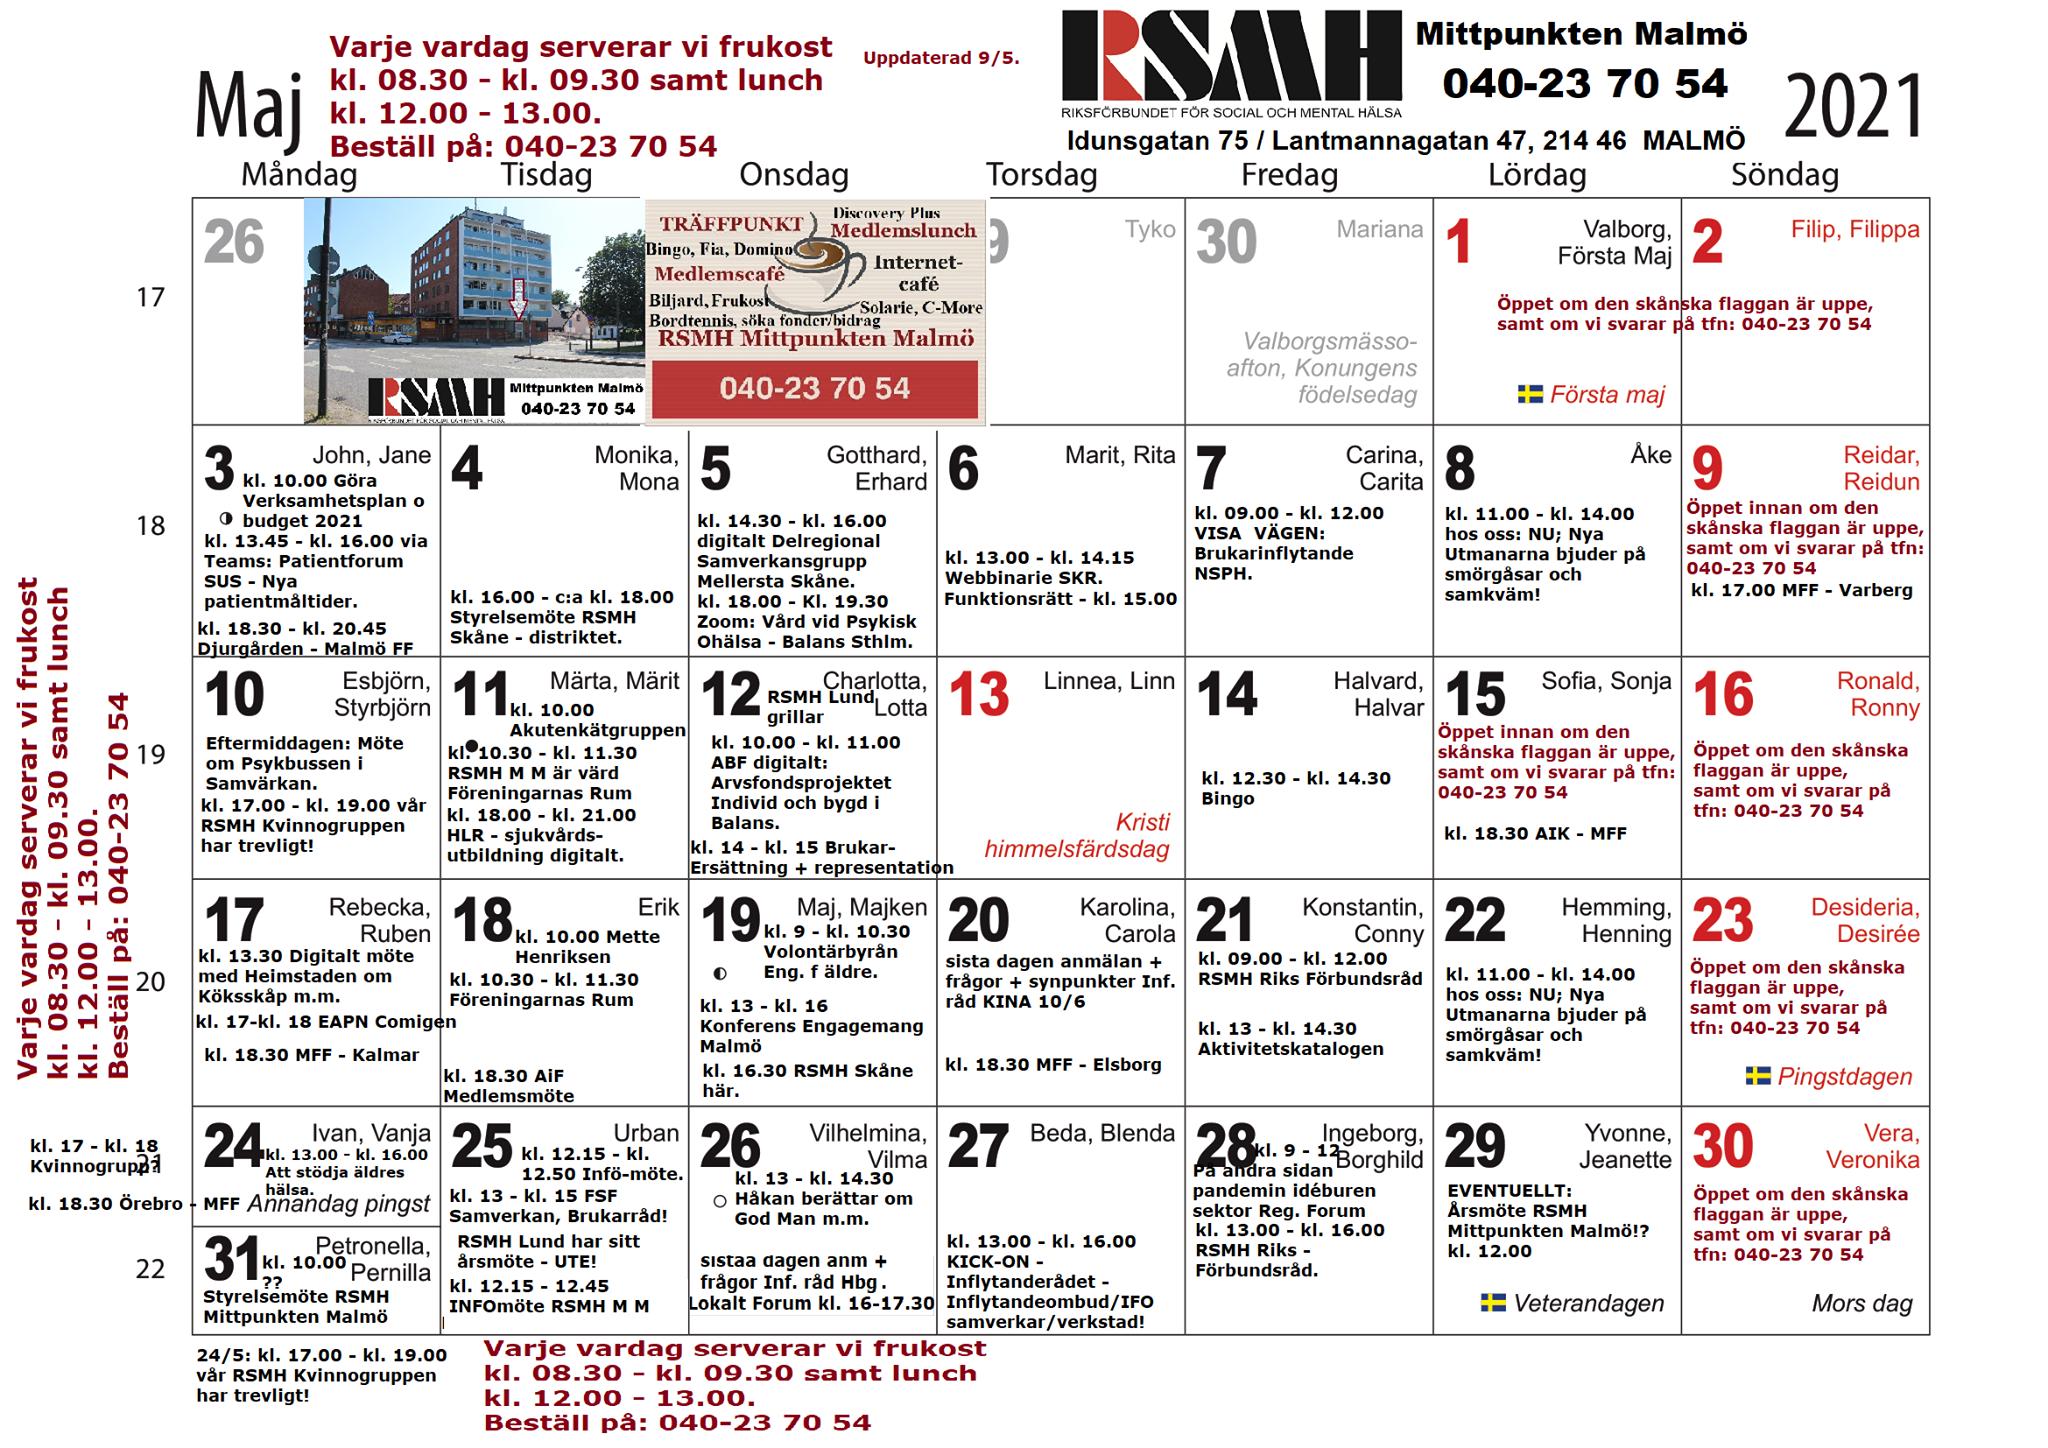 Vecka 19: MAJ-MENY RSMH MITTPUNKTEN MALMÖ OBS! HELST avhämtning! 10 - 14 maj, kl. 12.00 eller 12.45. Kom in för gemenskap / kamratstöd / återhämtning! Måndag 10/5: Köttfärssås med ost och pasta. Tisdag 11/5: Grillad lax i ugn, potatismos med dill och fisksås. Onsdag 12/5: Ugnsbakad fläskytterfilé med klyftpotatis och bearnaisesås. Torsdag 13/5: Ostgratinerad kassler med crème fraiche, ananas, chilisås och ris. Fredag 14/5: Vegetarisk måltid med äggnudlar, wokgrönsaker, vegobitar; -färs samt efterrätt! (Kött sidan om på extra tallrik?) Medlemspris, endast 35 kronor per portion. Bokas innan, senast samma dag kl. 10.00, på 040-23 70 54 alt. 0735-63 90 70. Swish 123 062 71 74 eller Zettle/PayPal bankkort, kontant på plats! OBS! Vi har HELST avhämtning! Idunsgatan 75, buss: 1 + 32 + 35 + 141, hållplats Sofielund. Hjärtligt välkomna Chanbol samt Rollan, Jeanette & Stefan m.fl.